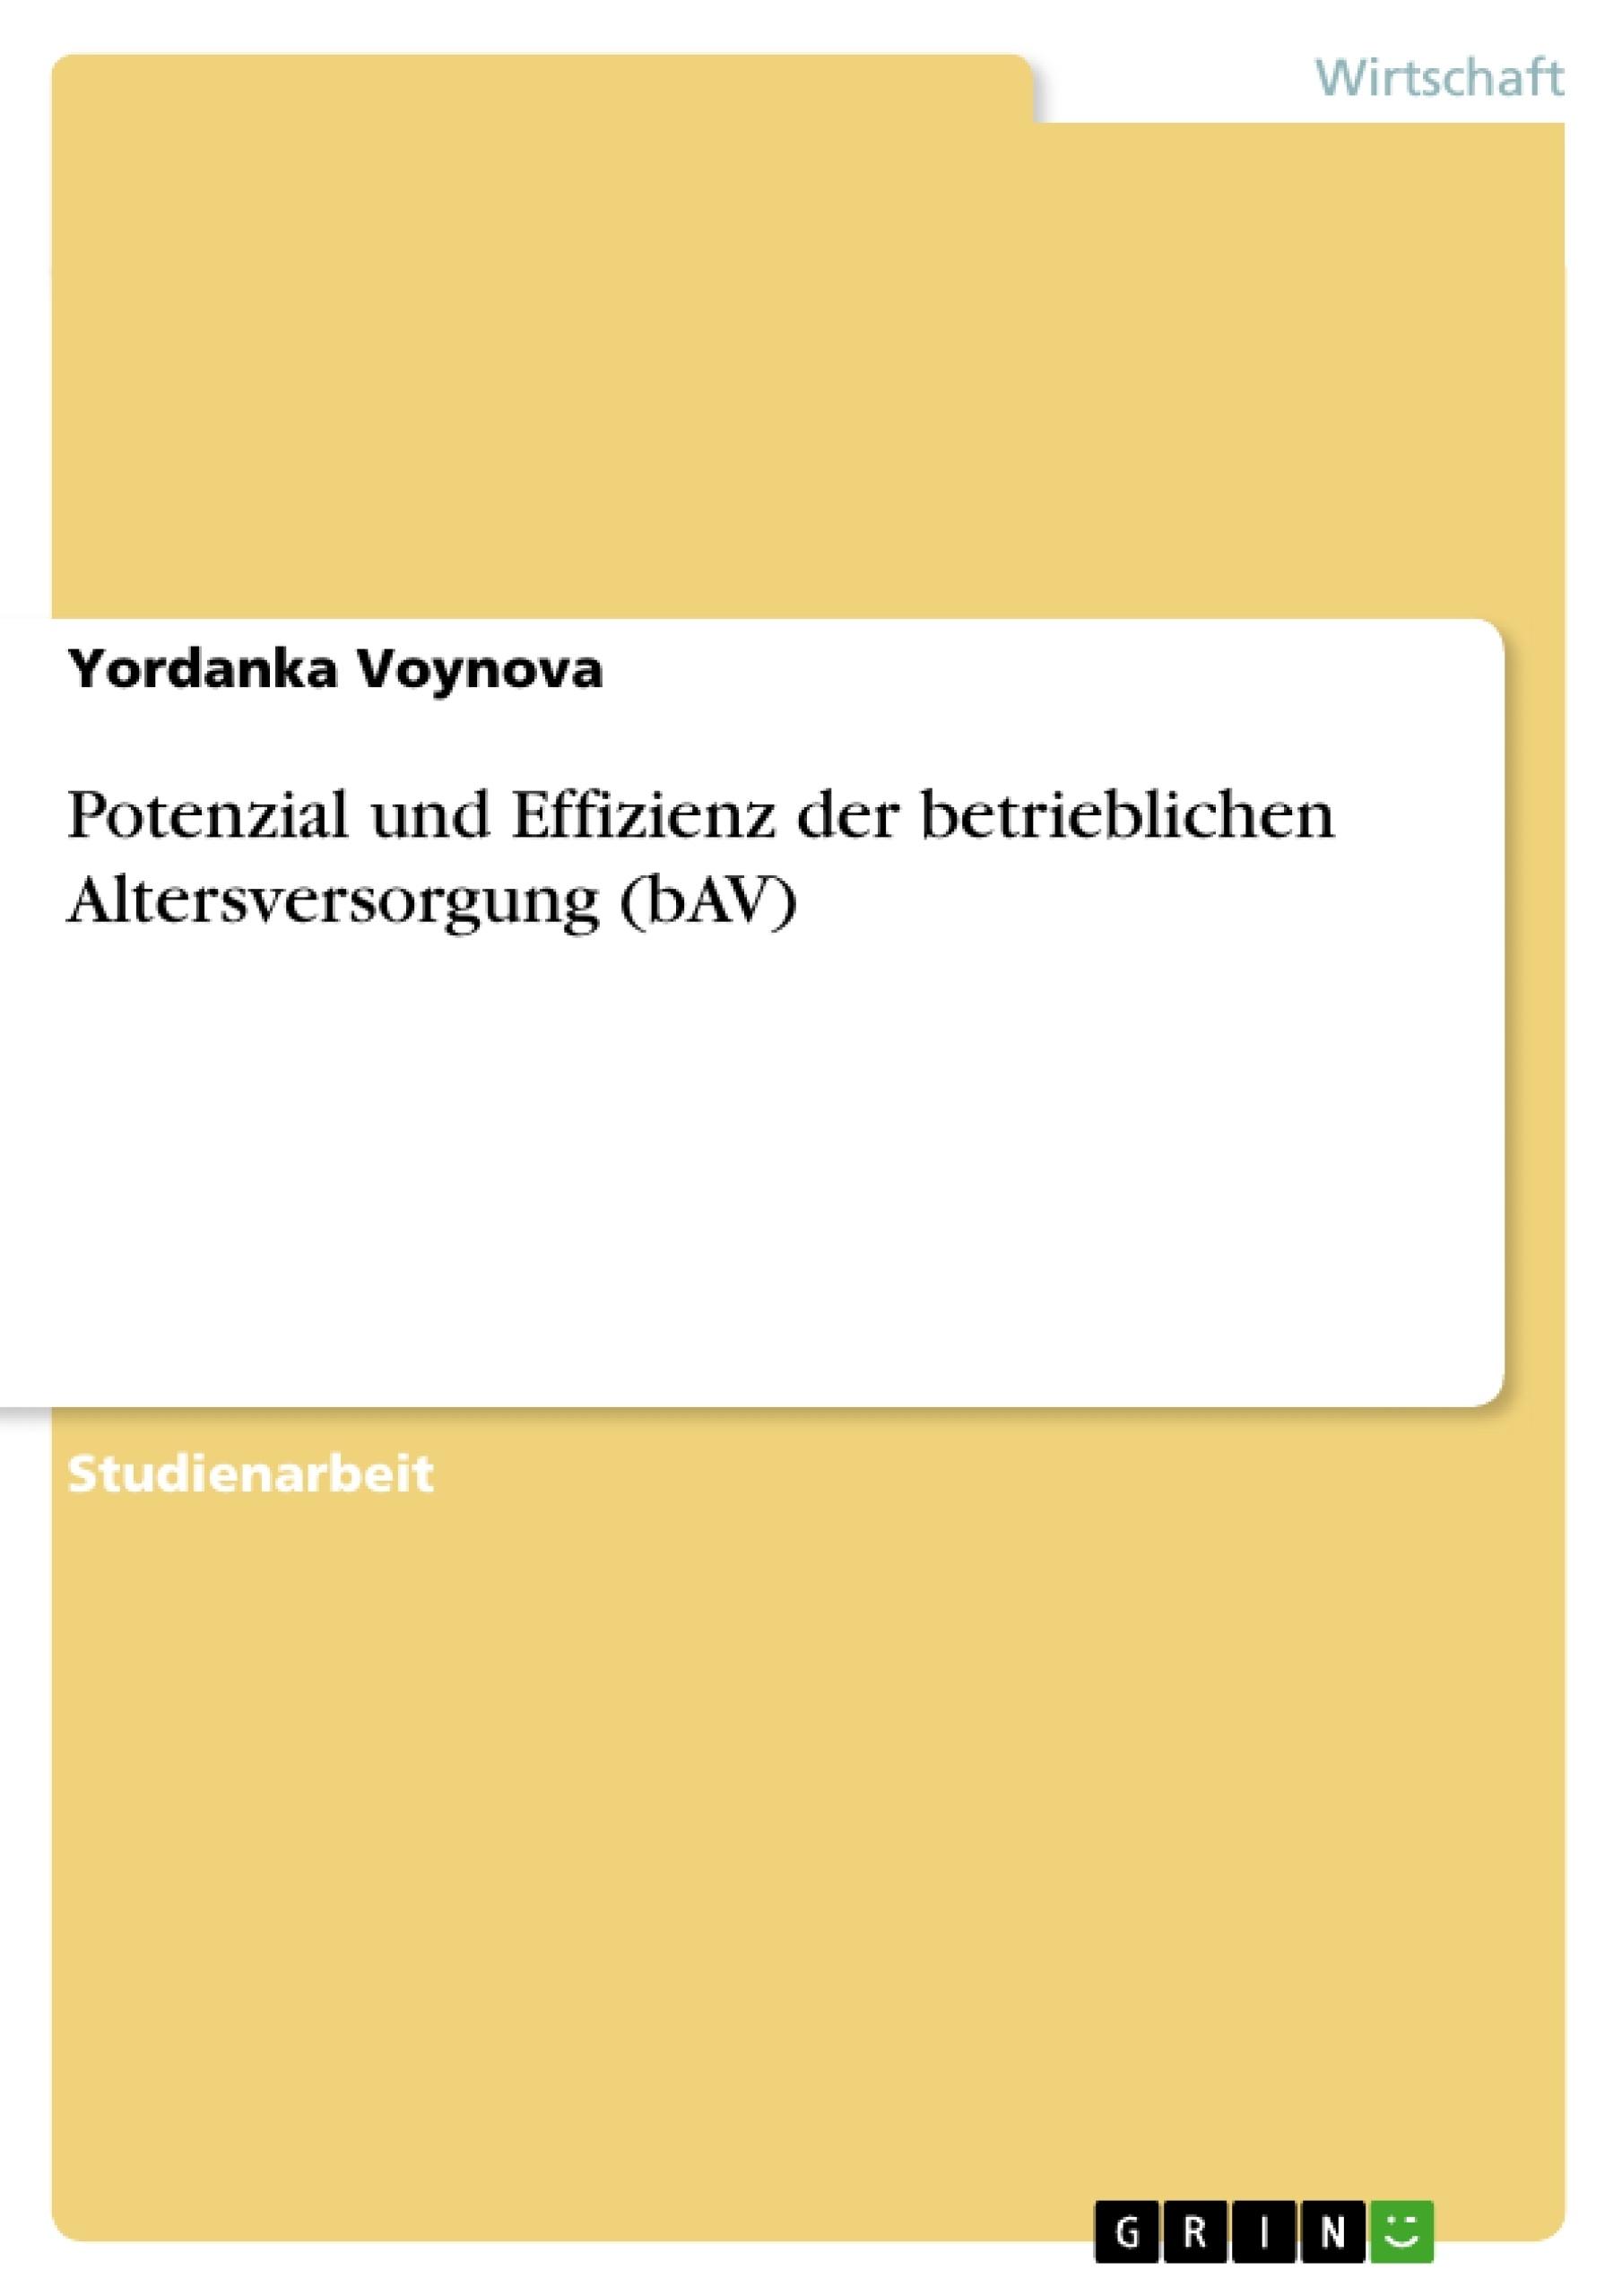 Titel: Potenzial und Effizienz der betrieblichen Altersversorgung (bAV)